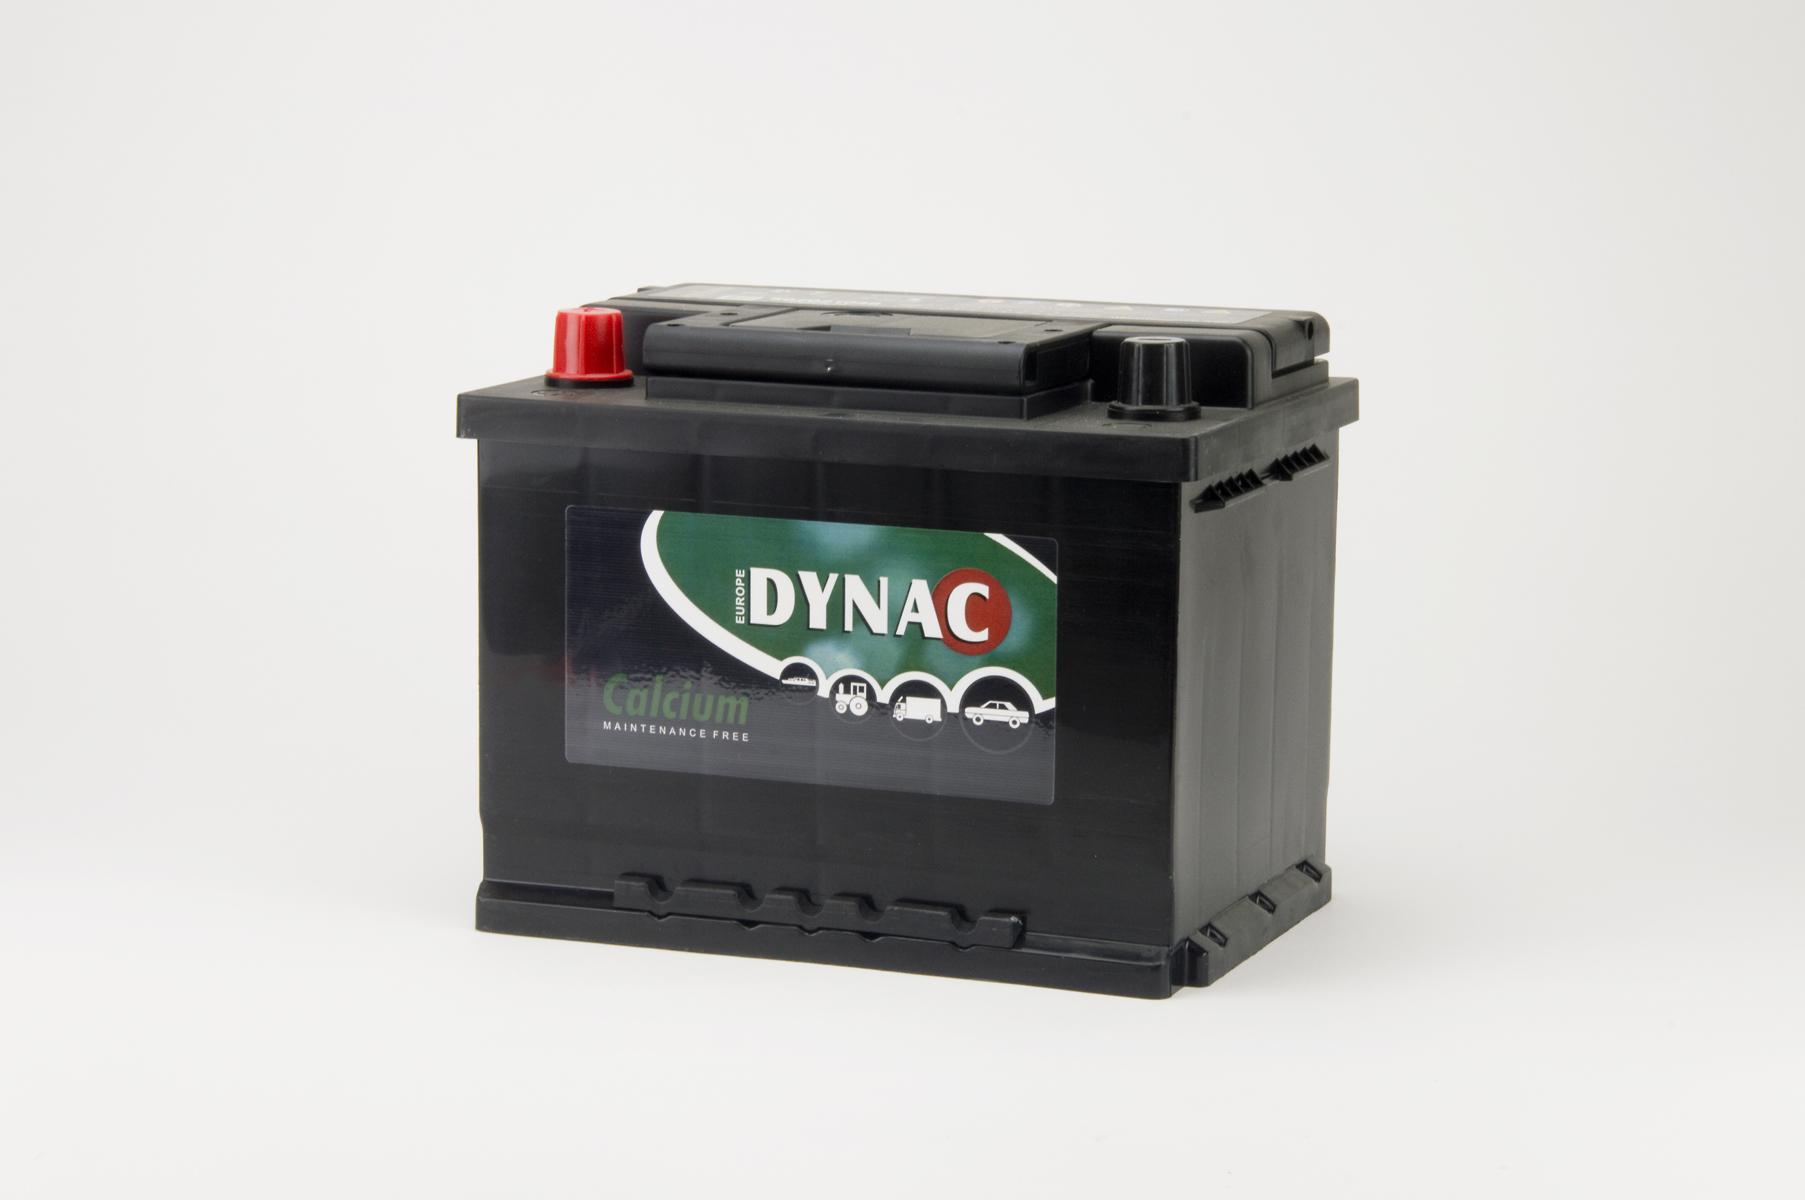 Auto accu / Startaccu 12V 62Ah Dynac calcium LMFV 56221